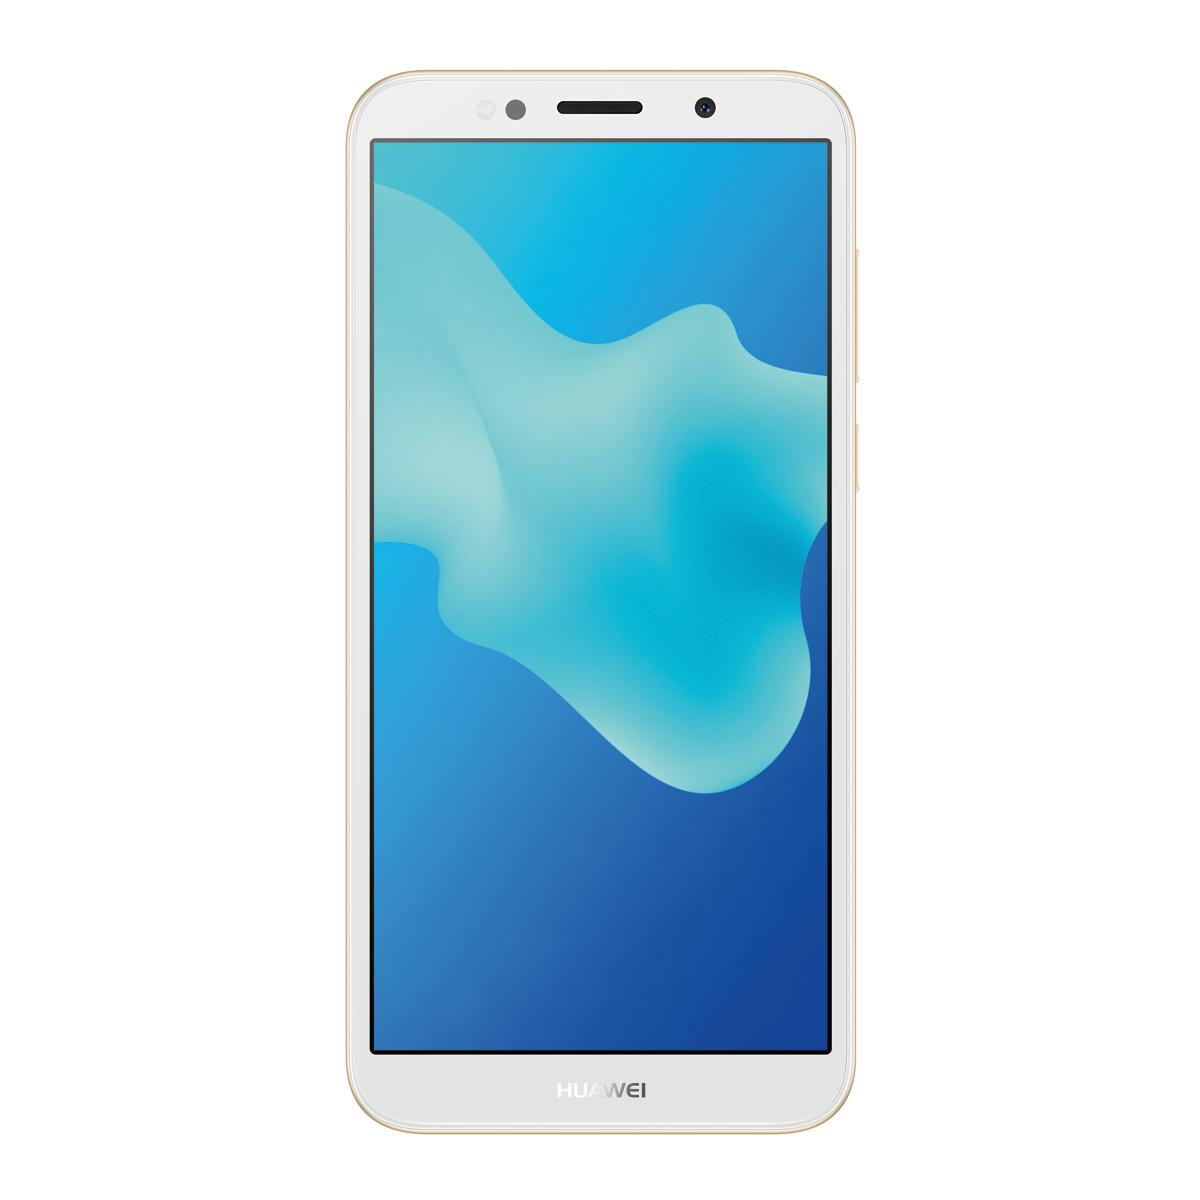 Huawei Y5 2018 - (2GB / 16GB) (Gold) | Model HU-Y5-2018-G